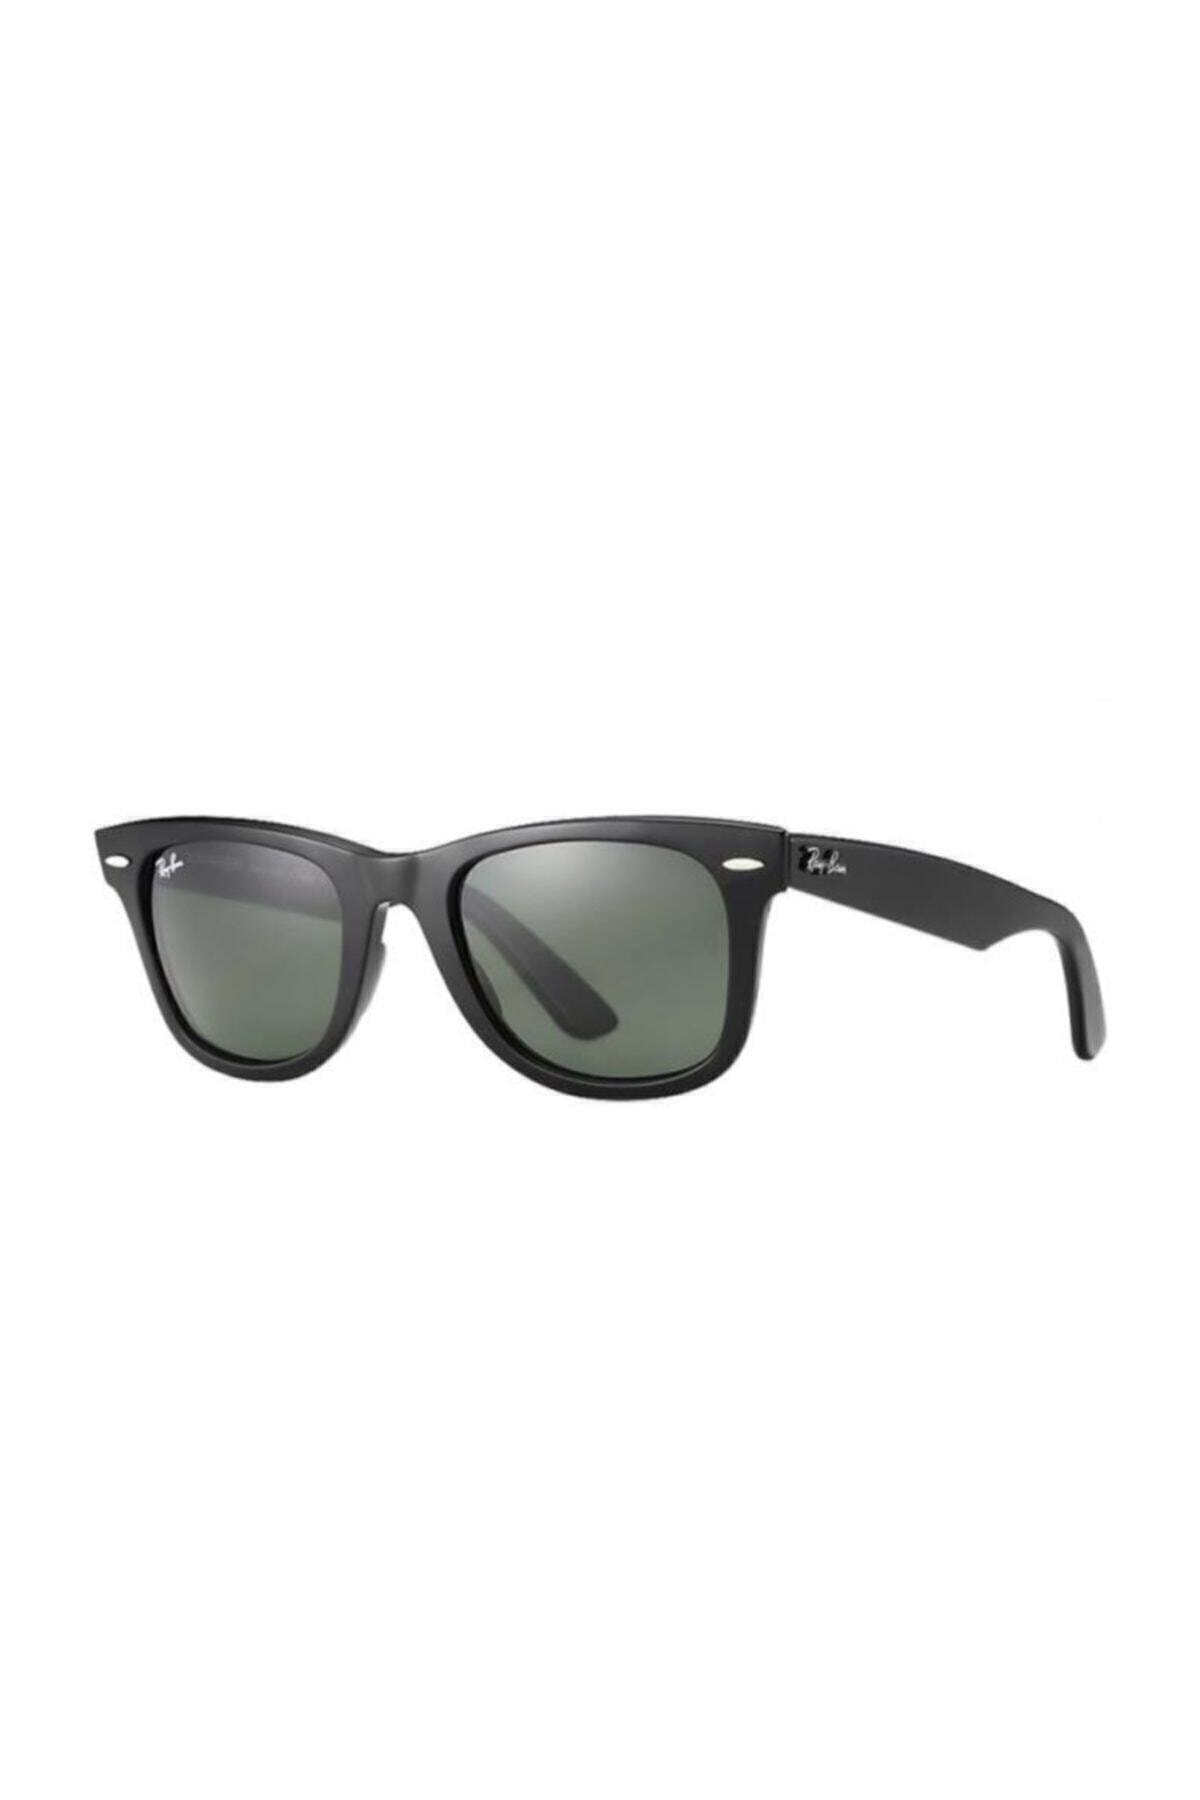 فروشگاه عینک آفتابی مردانه اینترنتی برند ری بن رنگ مشکی کد ty731635